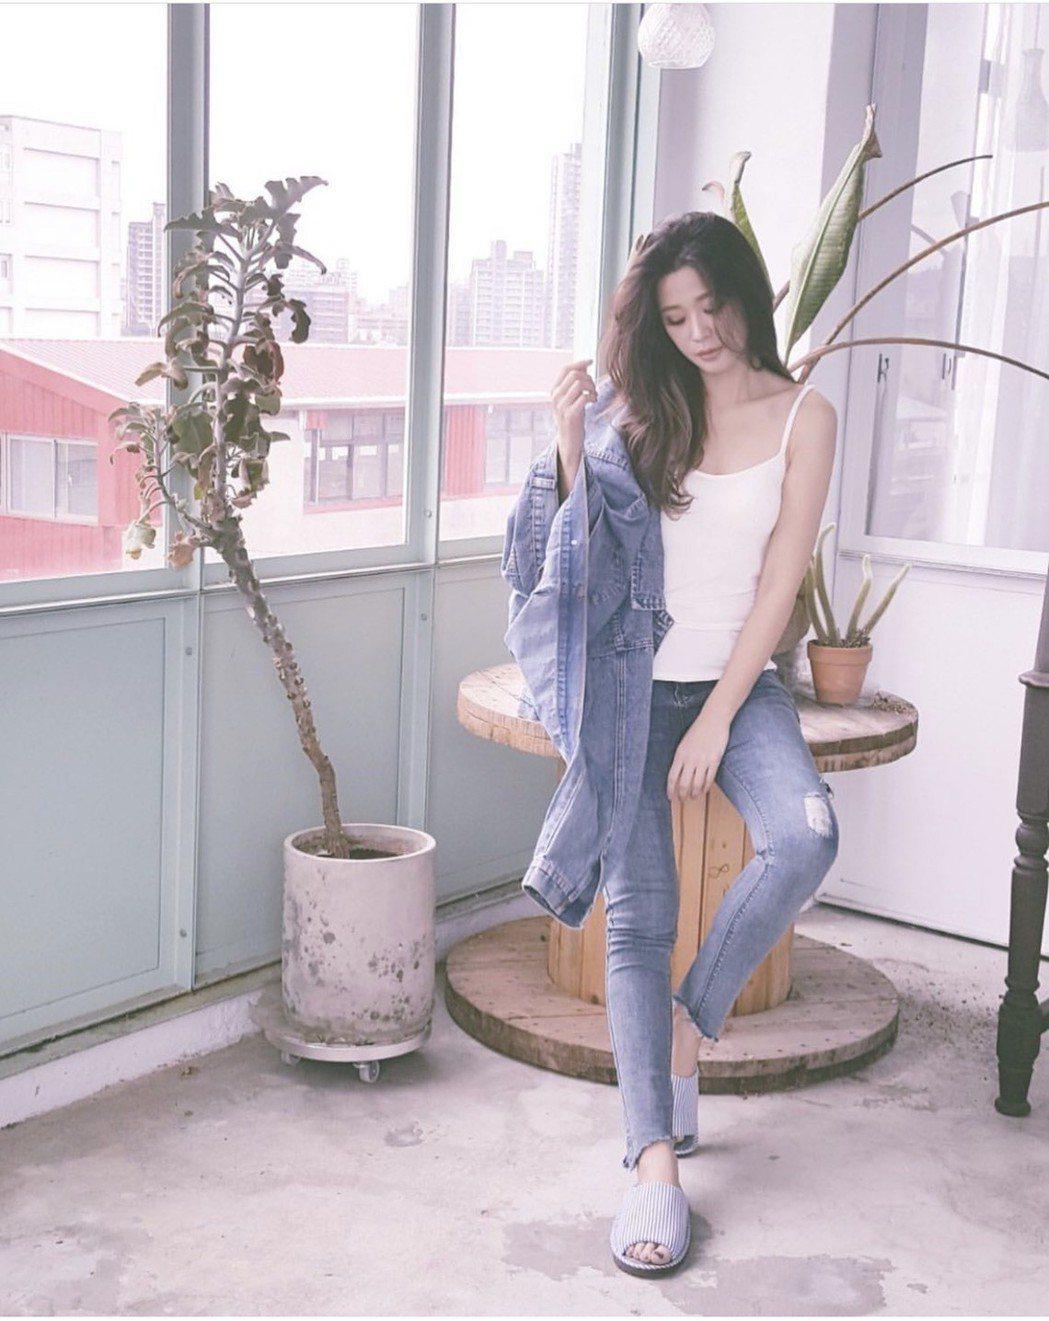 李燕切1年短命恋首发声 「笑容只给配得的人」惹心疼 - udn 嘘!星闻 -6326756